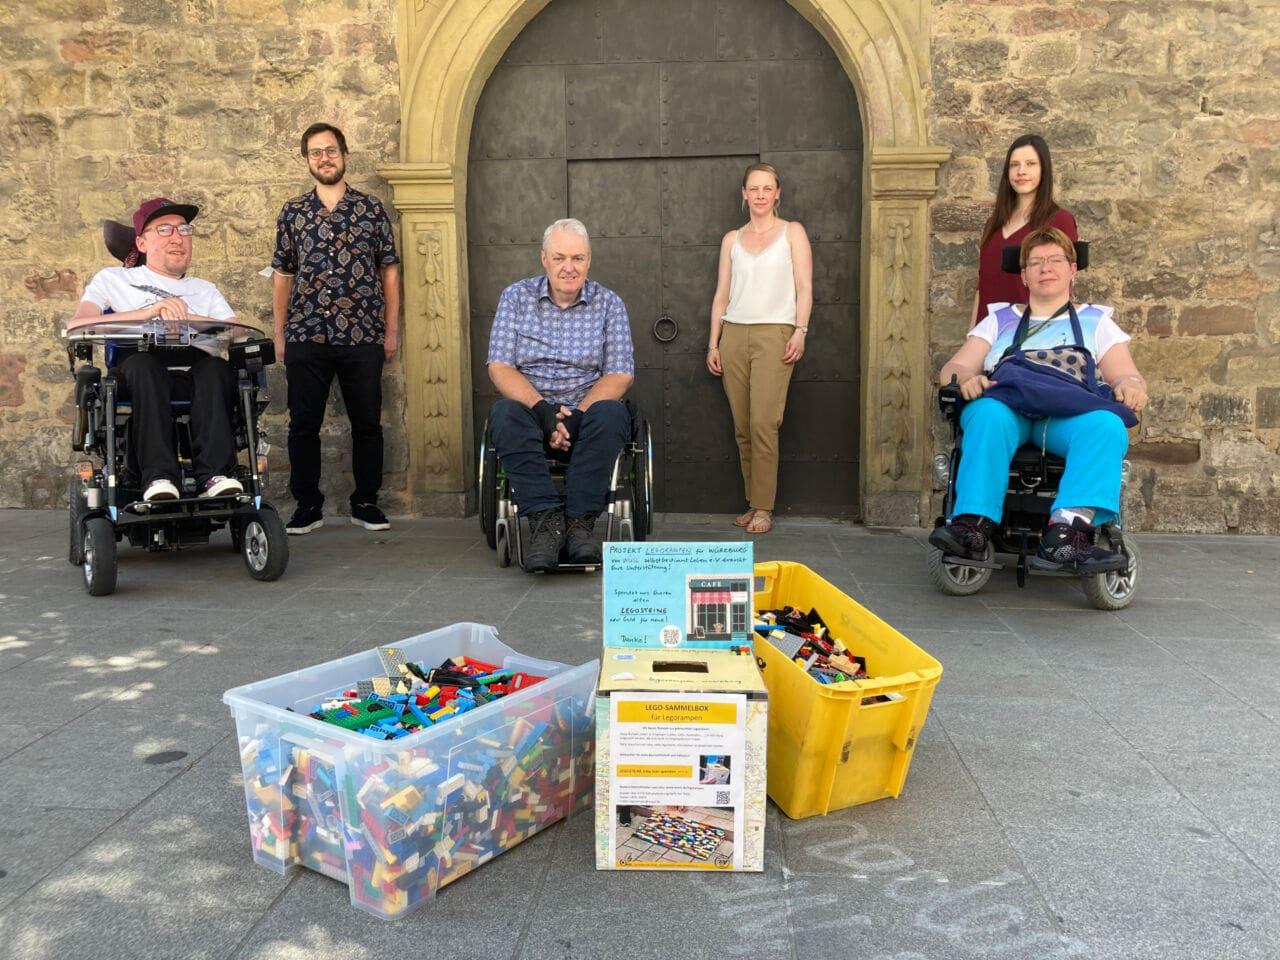 Legorampen: Sammelaktion von Würzburger Kitas und Sozialreferat